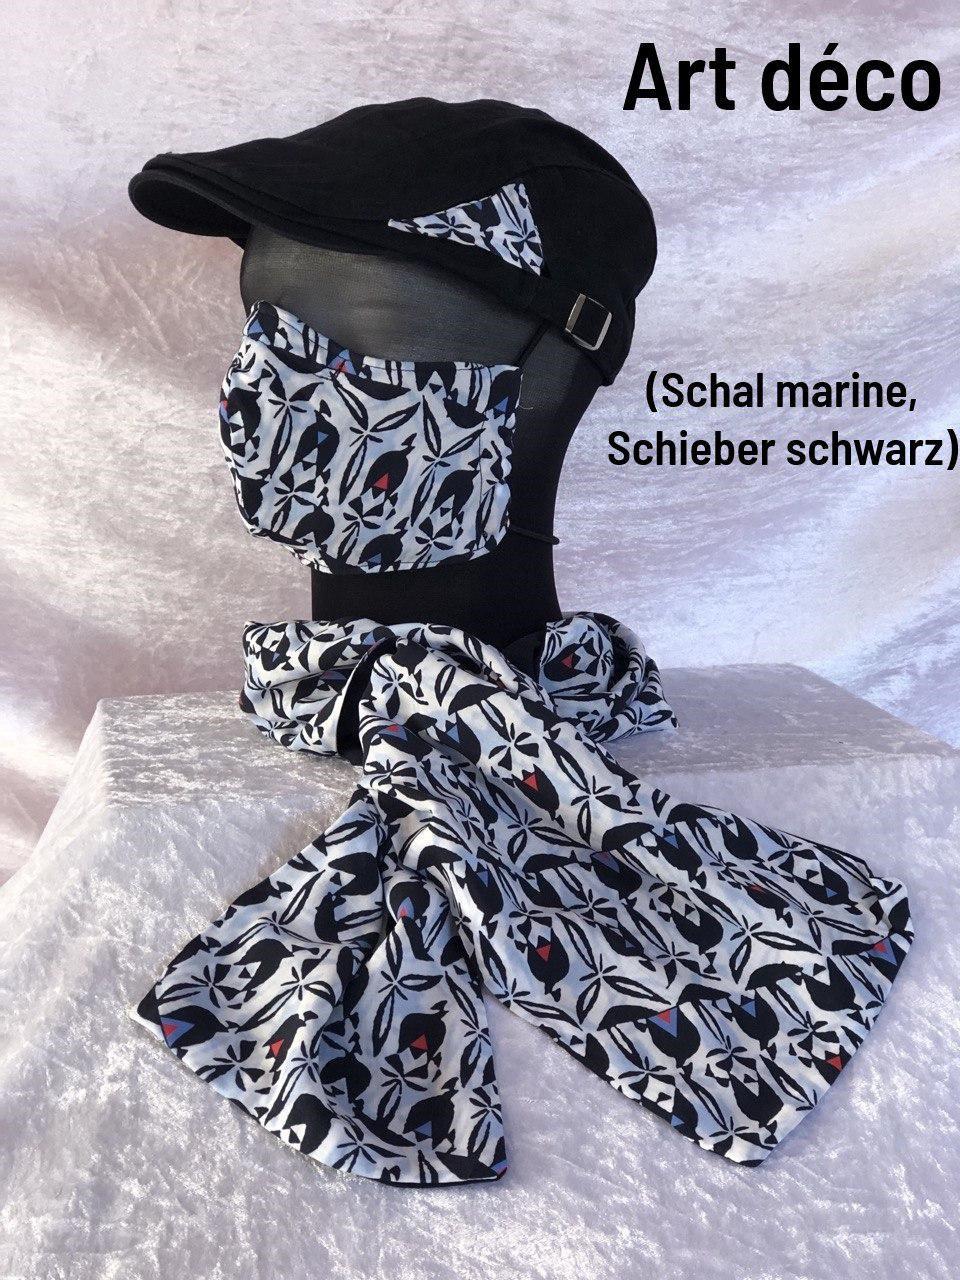 B1 Maske + Schal + Schieber